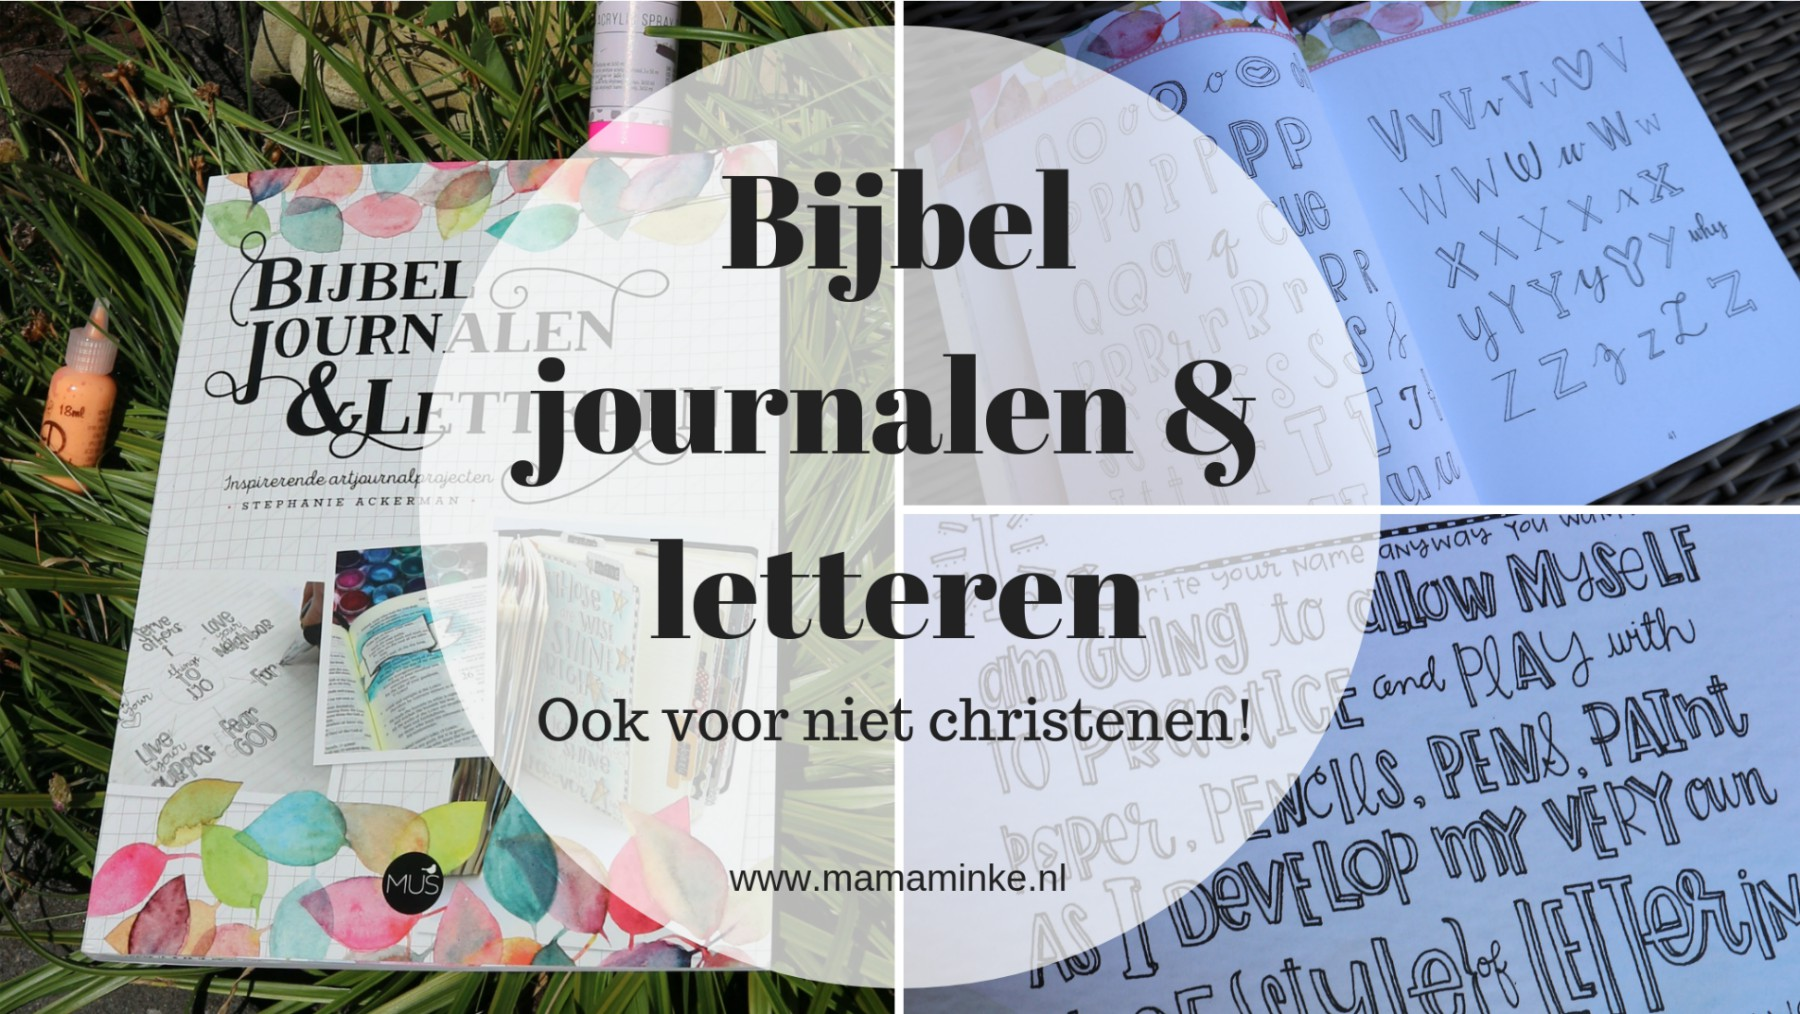 Recensie bijbel journalen & letteren – de bijbel journaling lijn van MUS